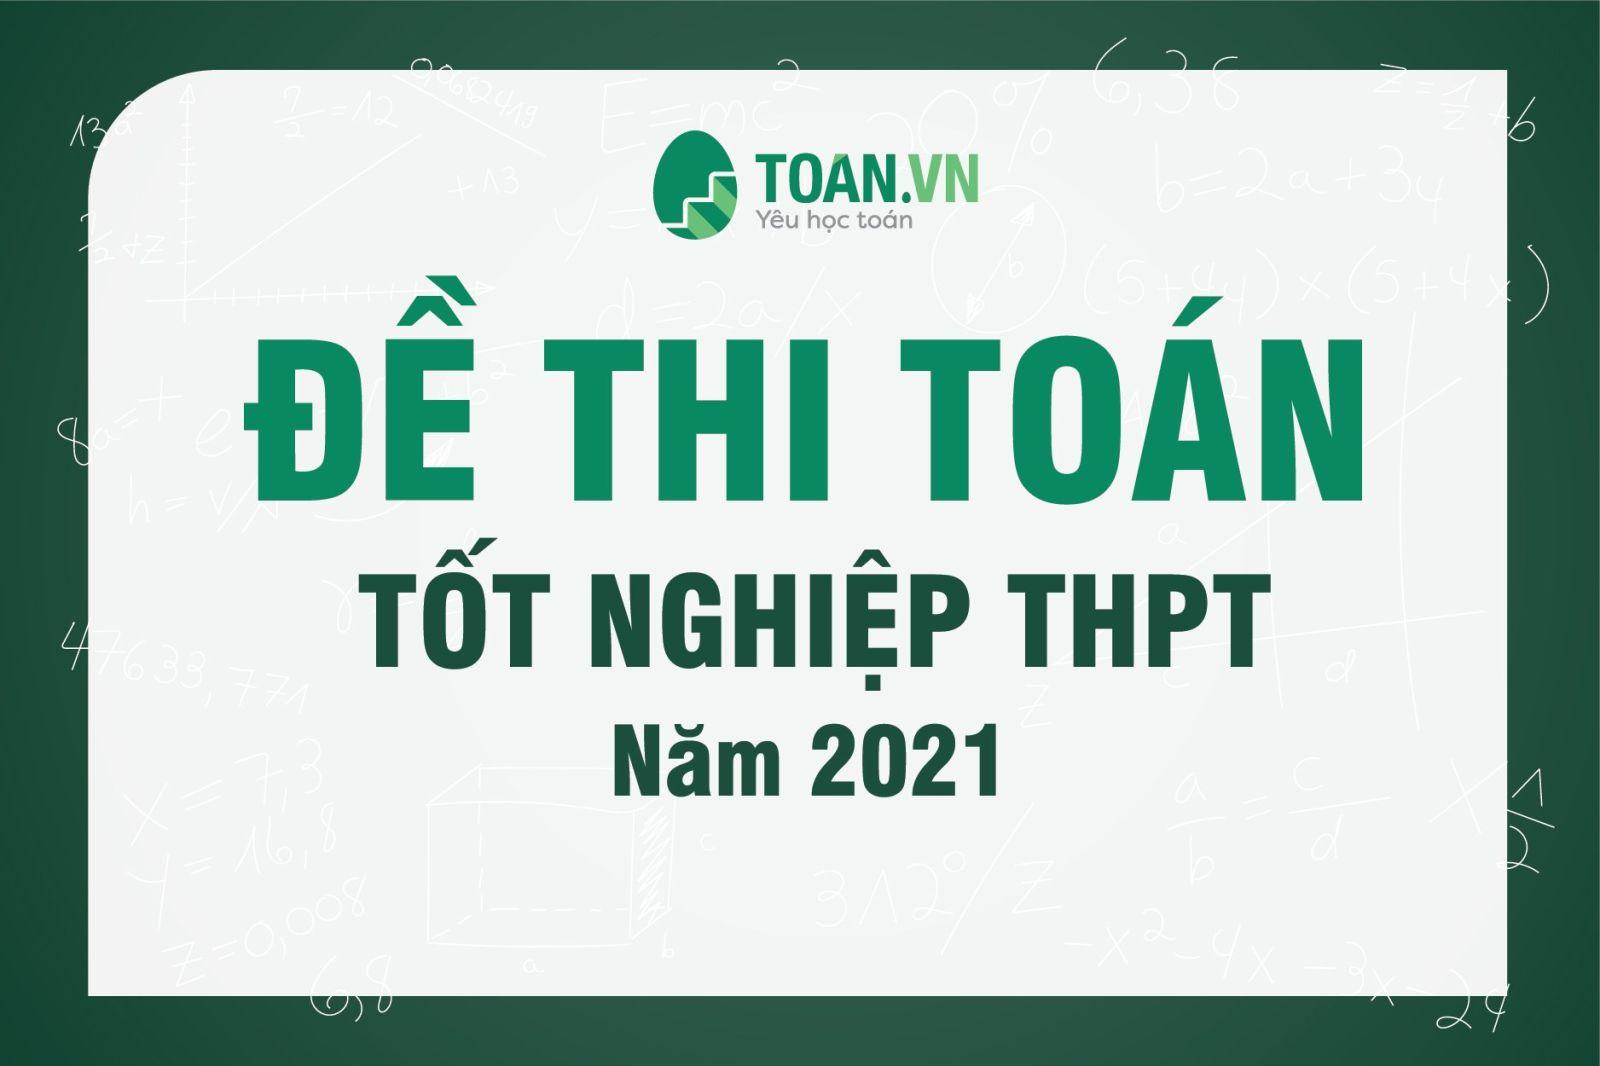 ĐỀ THI MÔN TOÁN THI TỐT NGHIỆP THPT NĂM 2021